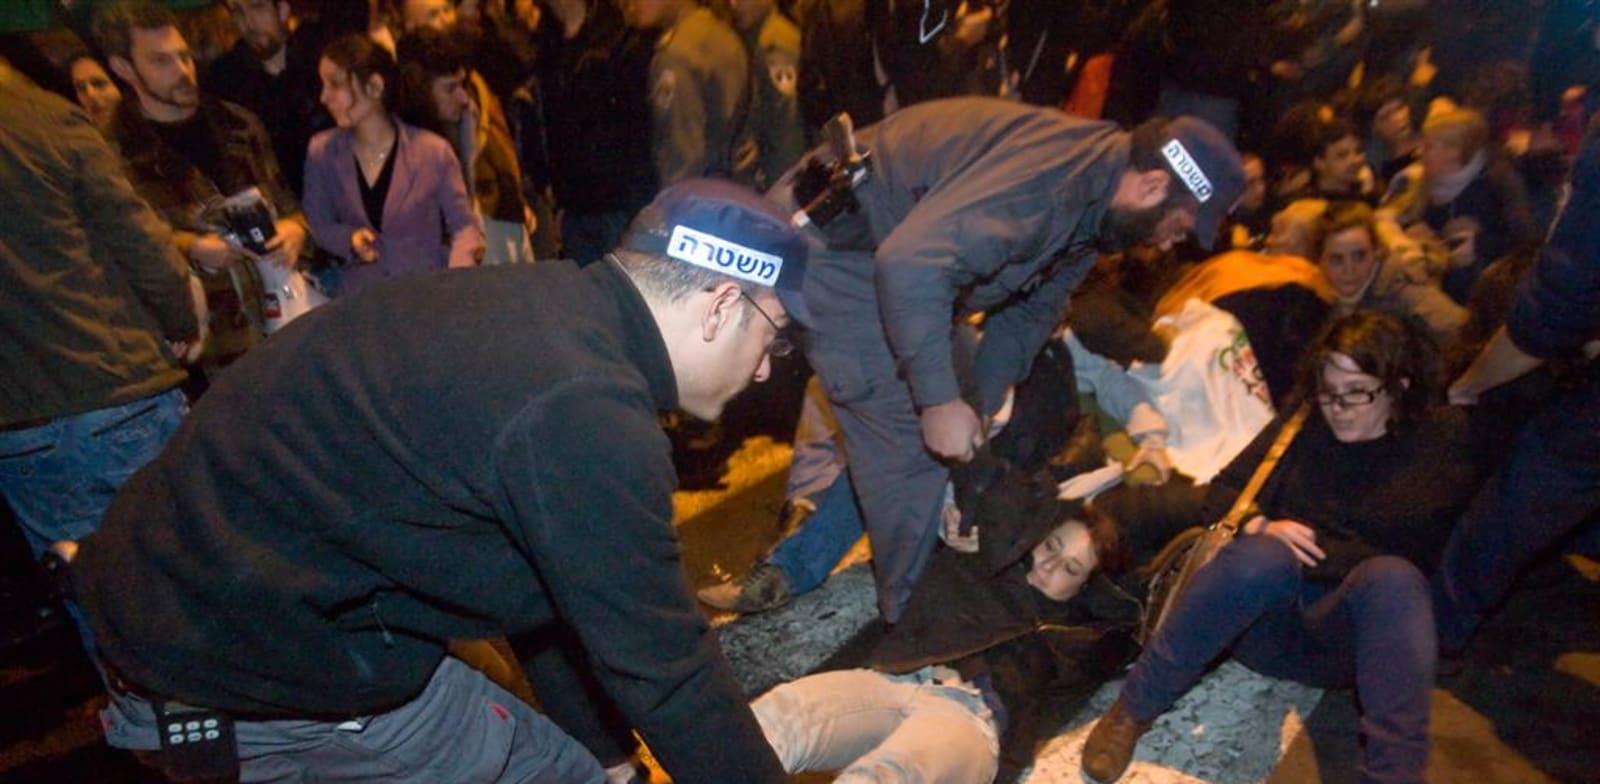 שוטרים במהלך הפגנה / צילום: דימה וזינוביץ